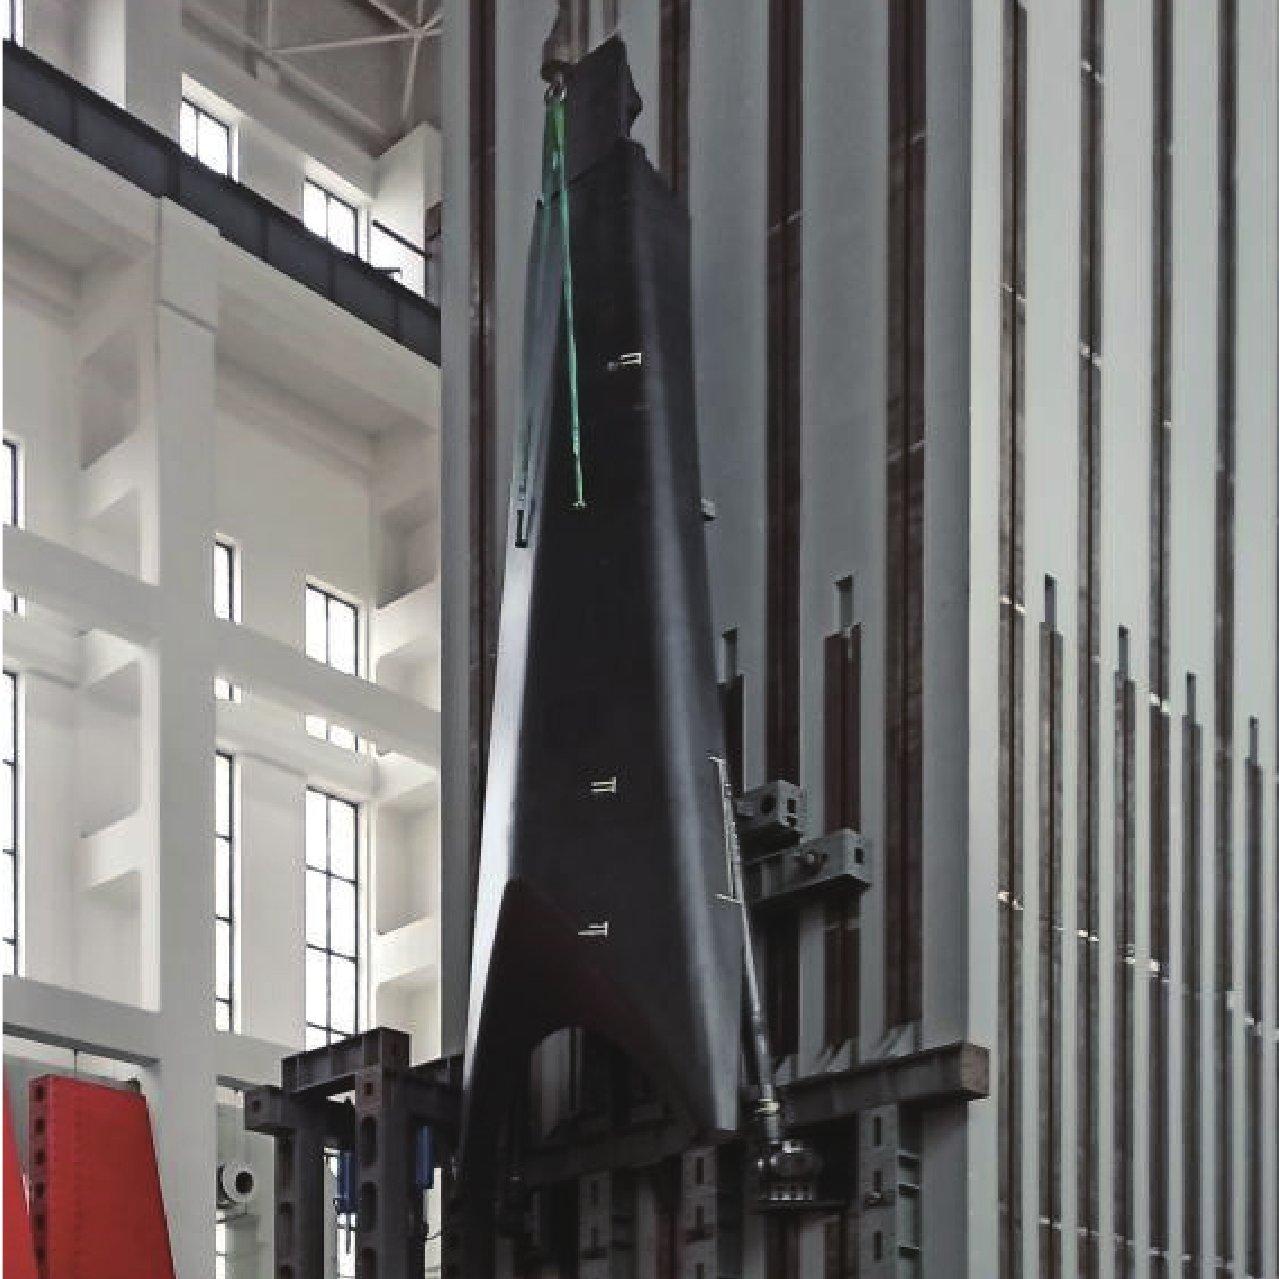 Long March 8, rakieta no¶na Chiñczyków, przesz³a pierwsze testy